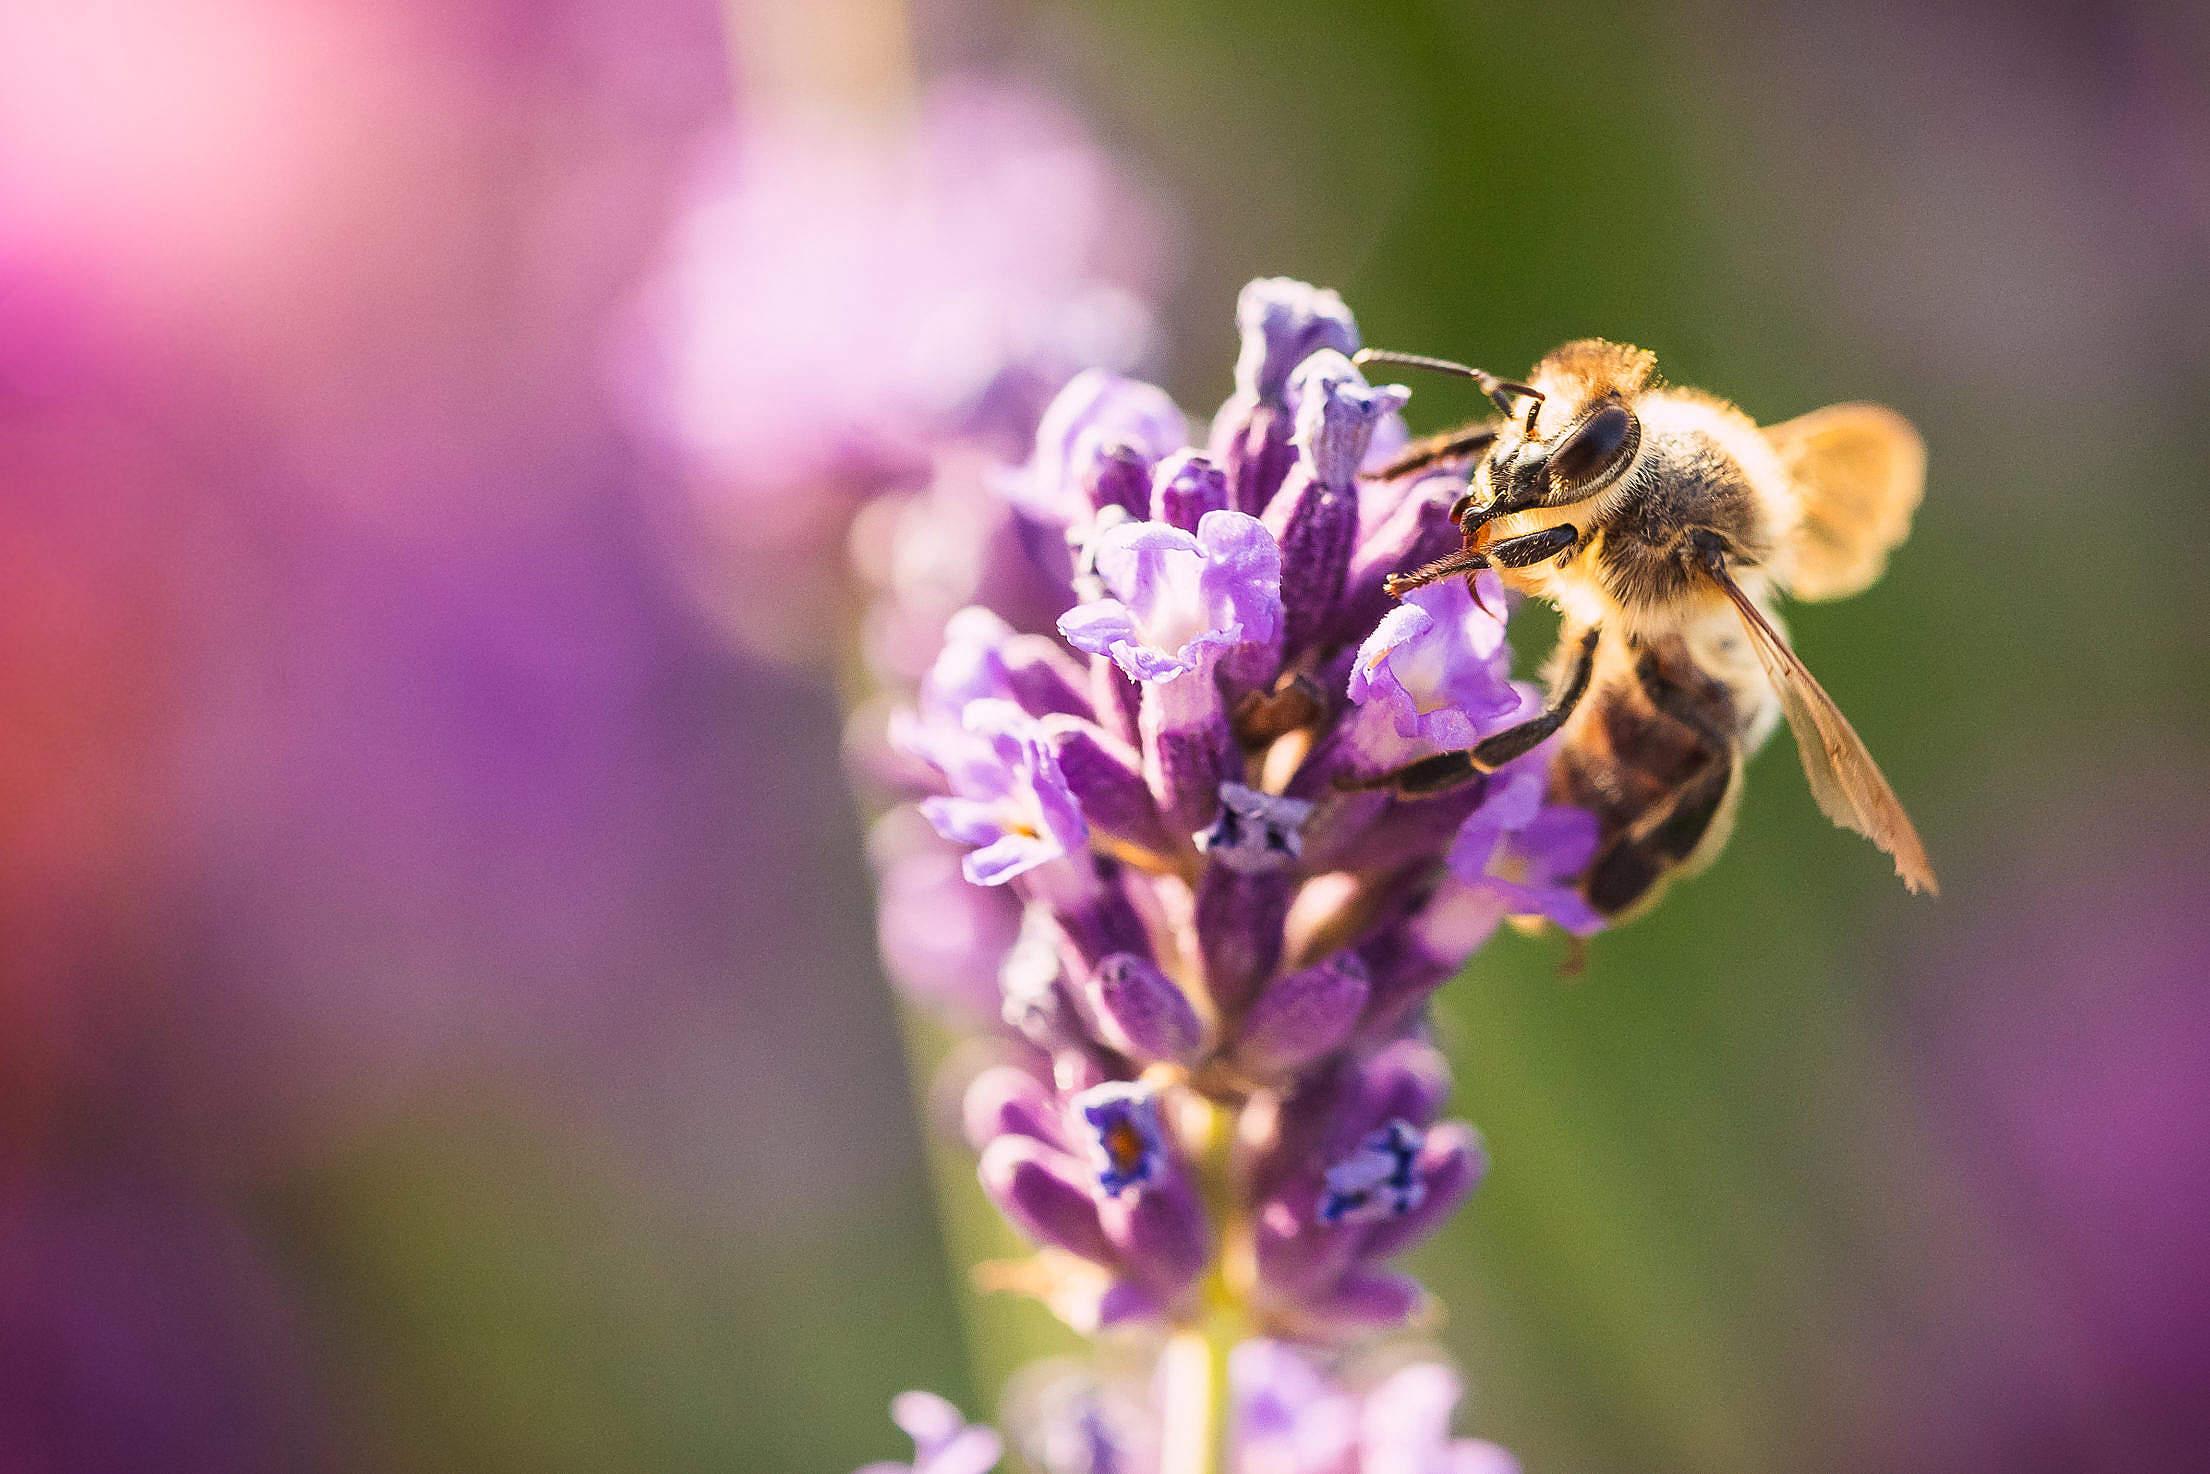 Honeybee Macro Free Stock Photo